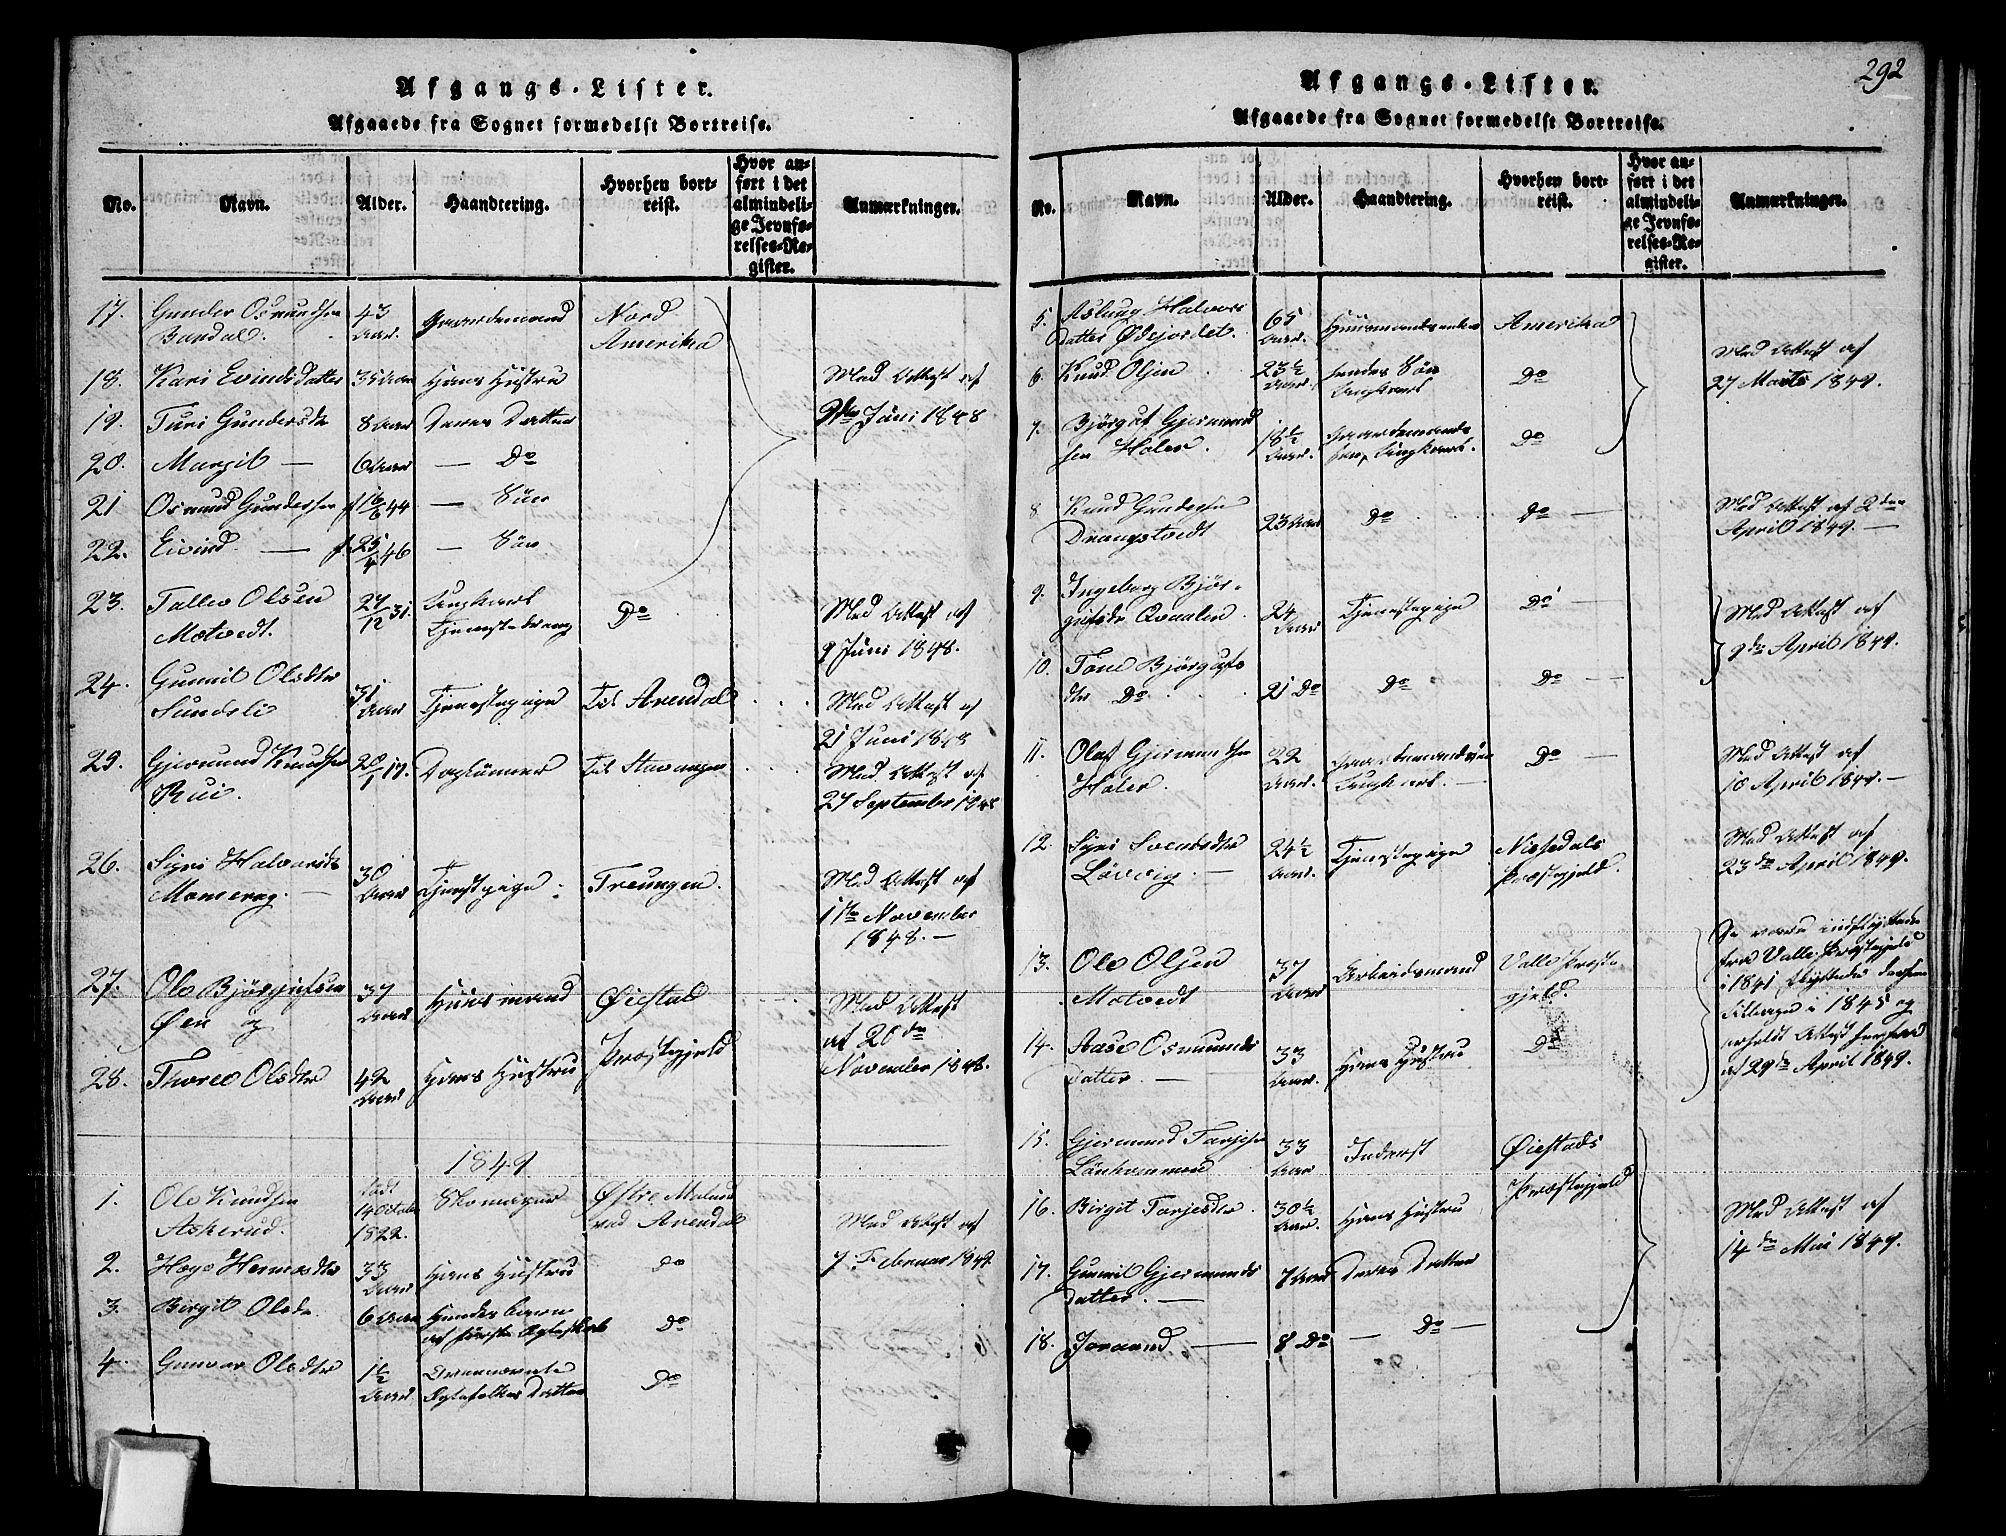 SAKO, Fyresdal kirkebøker, G/Ga/L0002: Klokkerbok nr. I 2, 1815-1857, s. 292